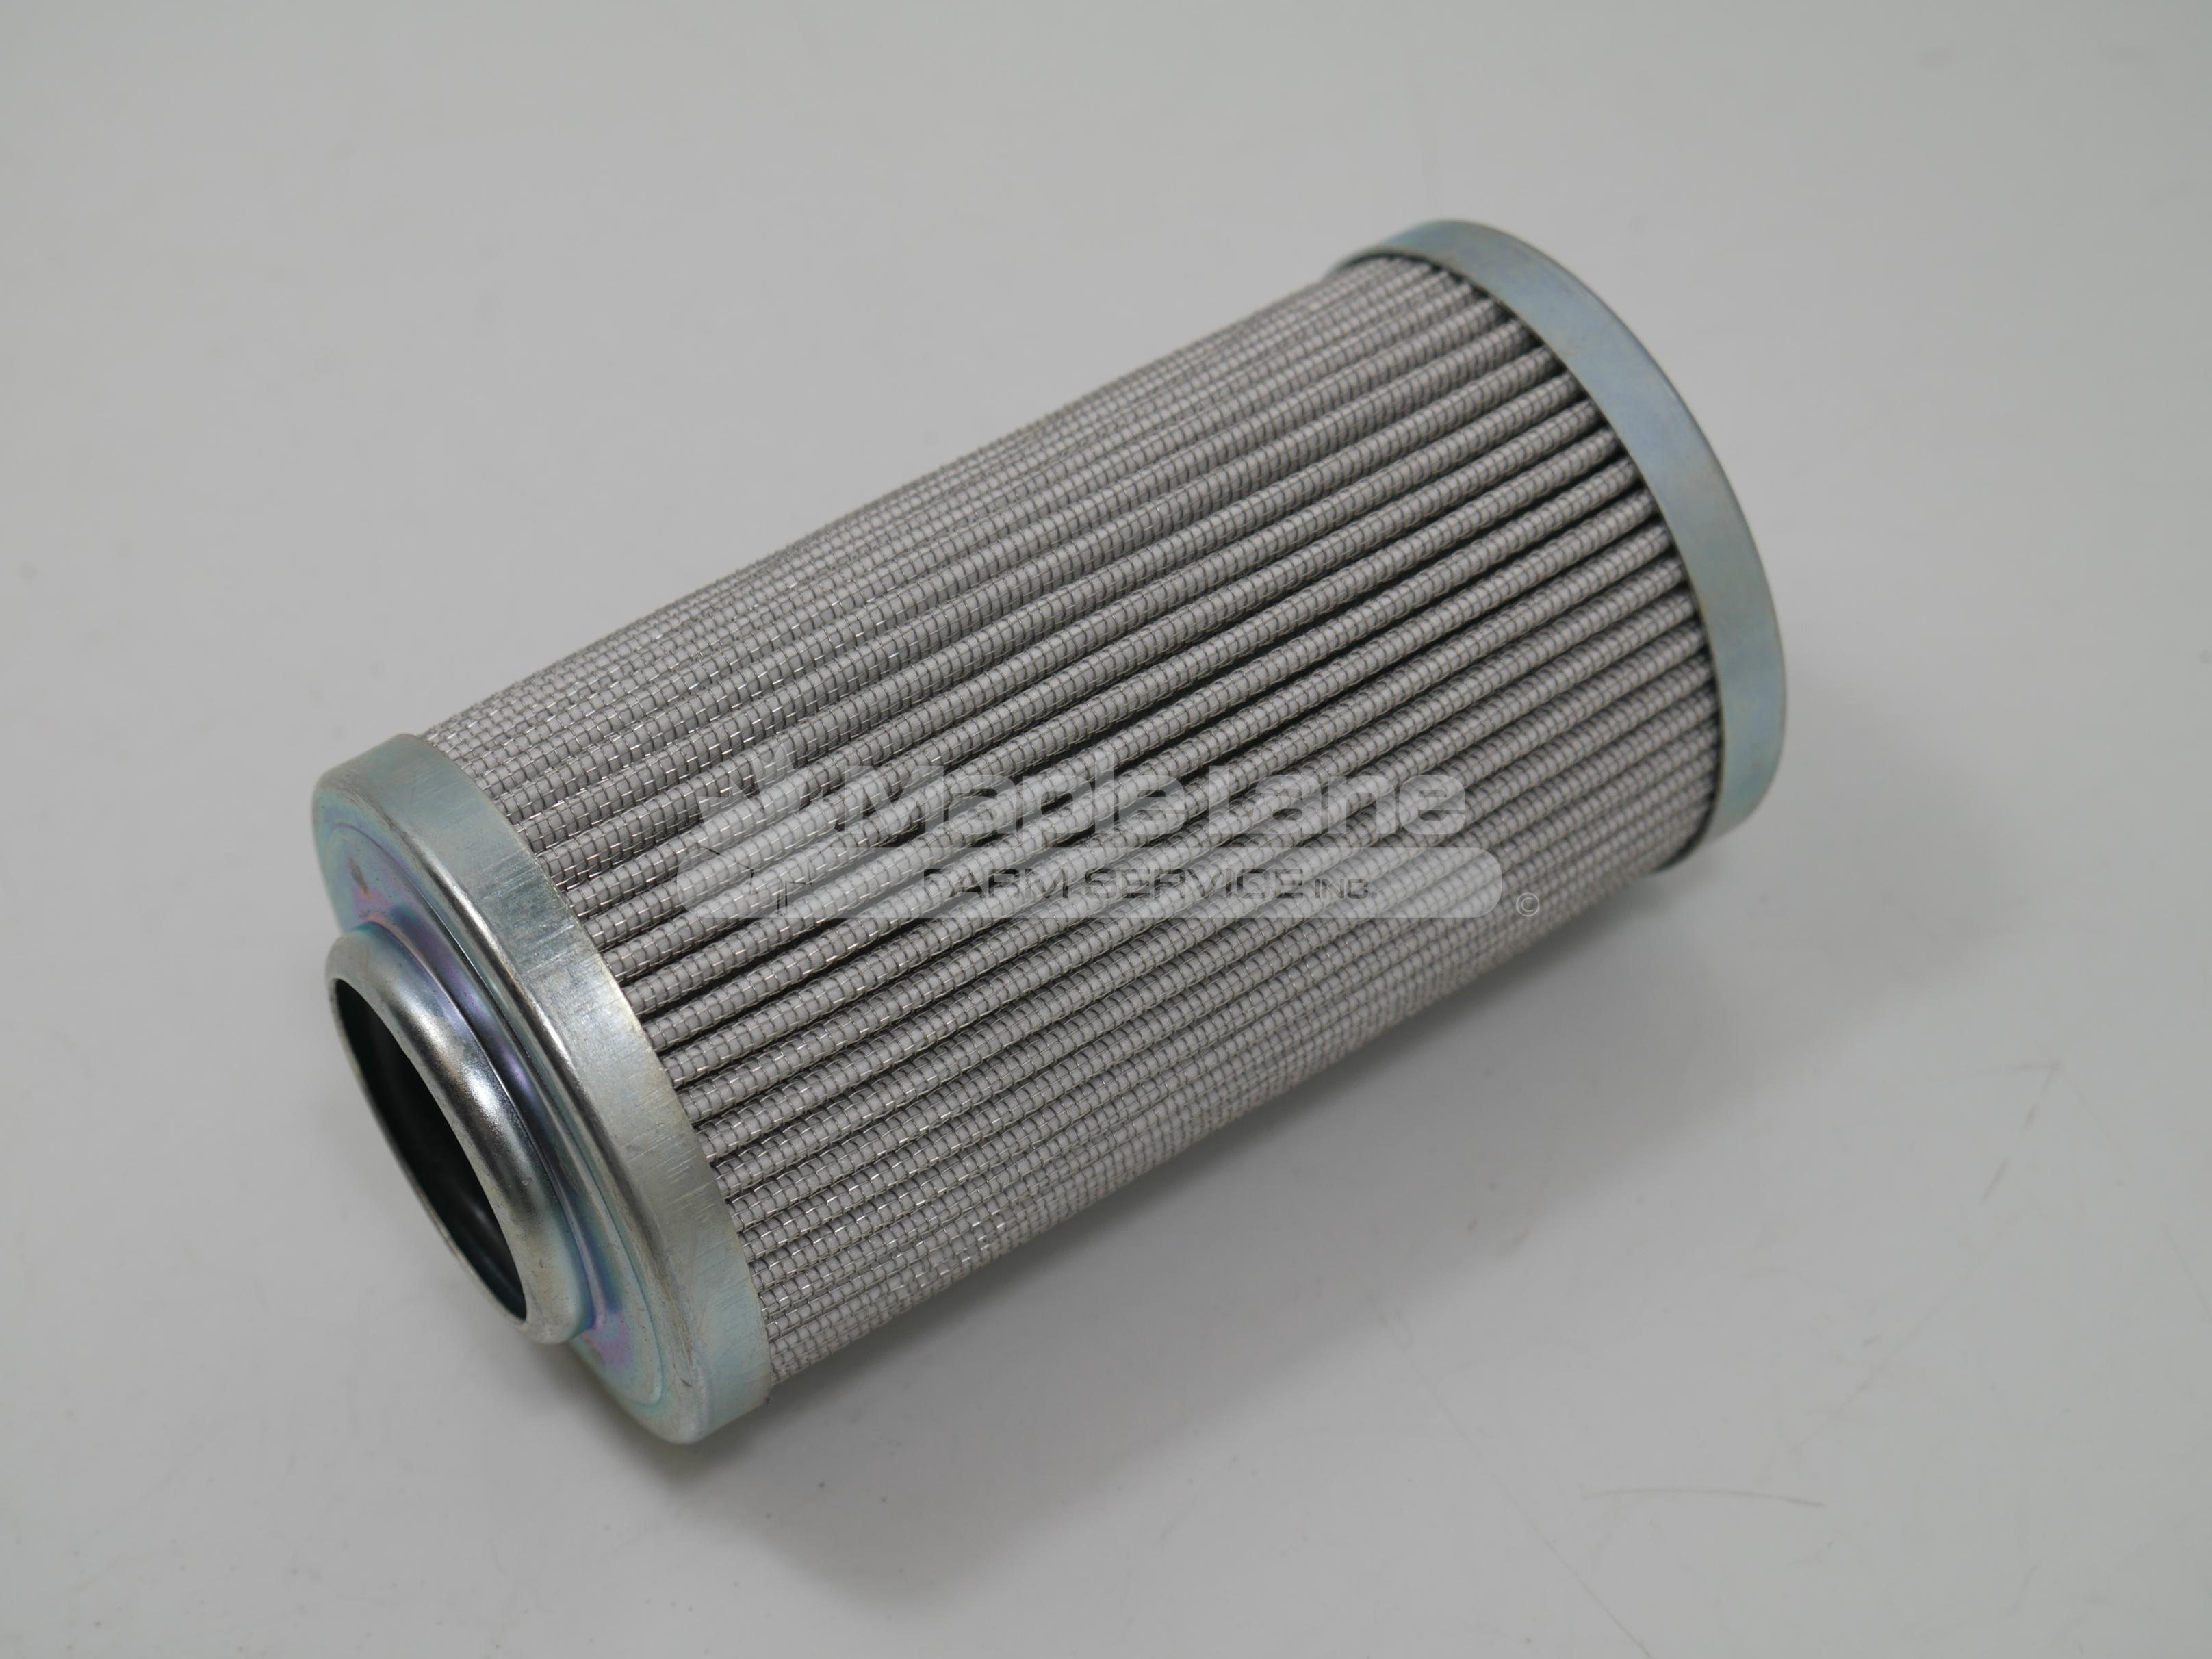 J737524 Transmission Filter